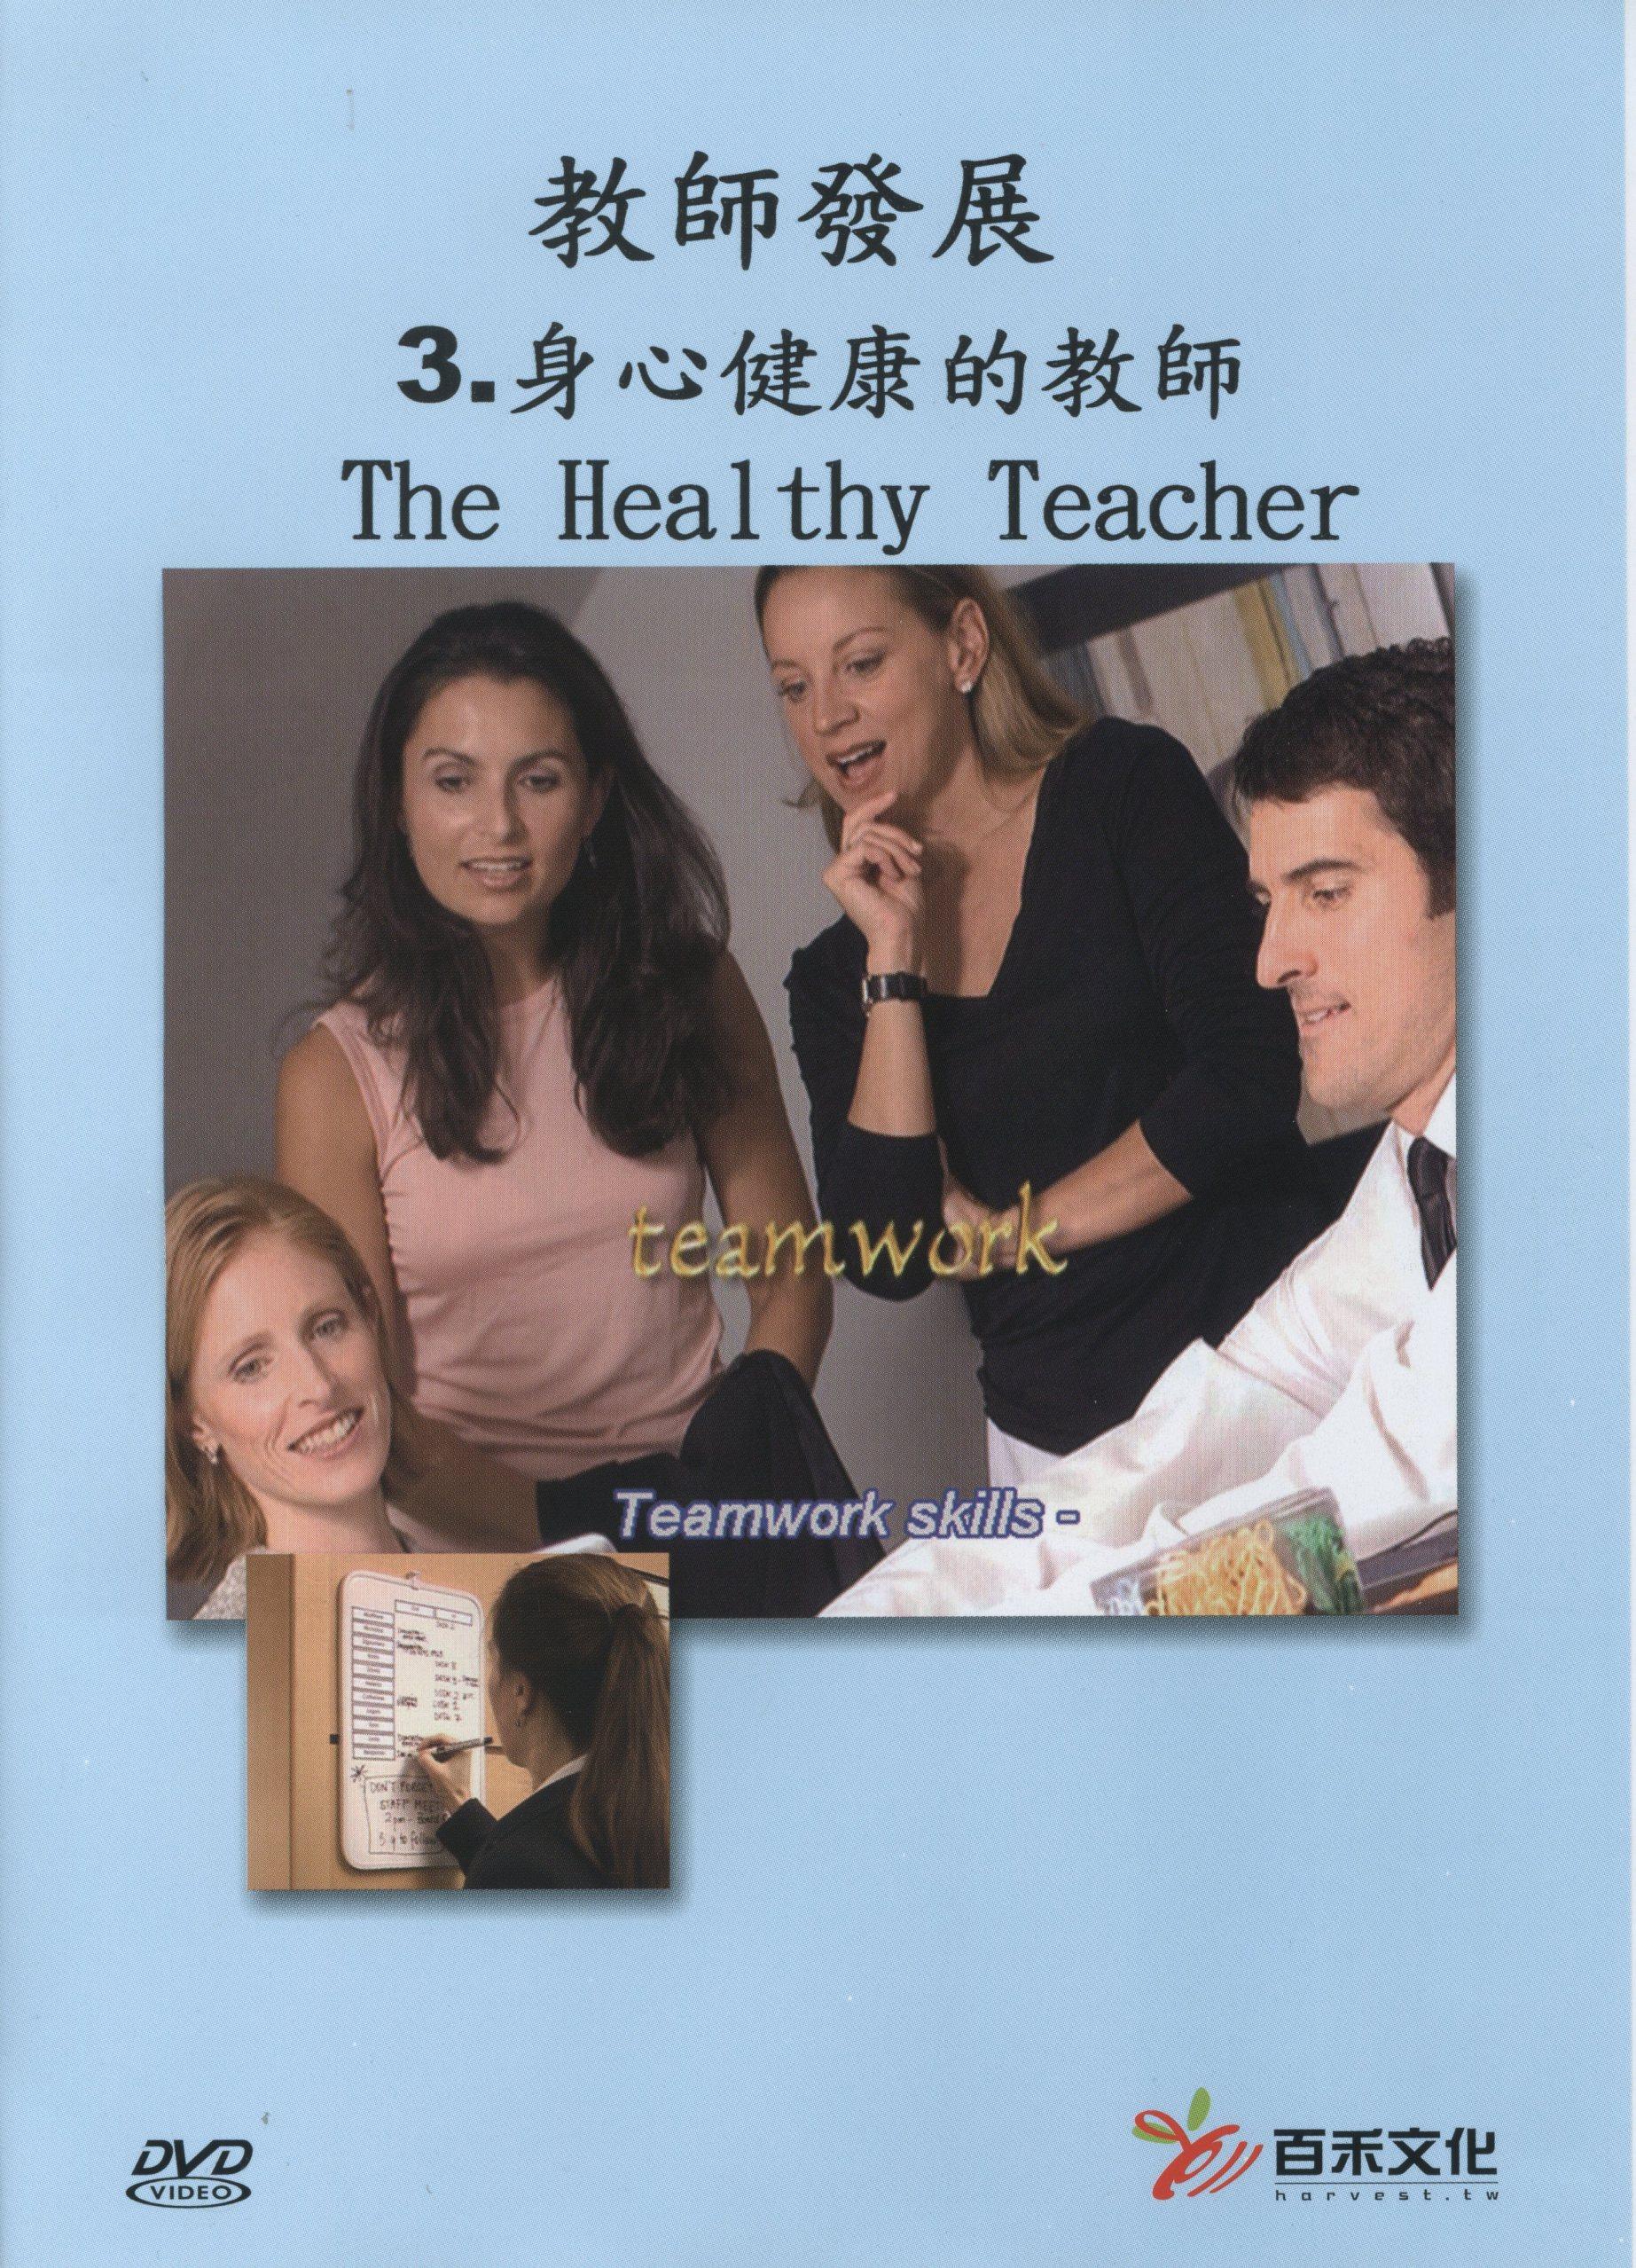 教師發展 身心健康的老師 = The healthy teacher